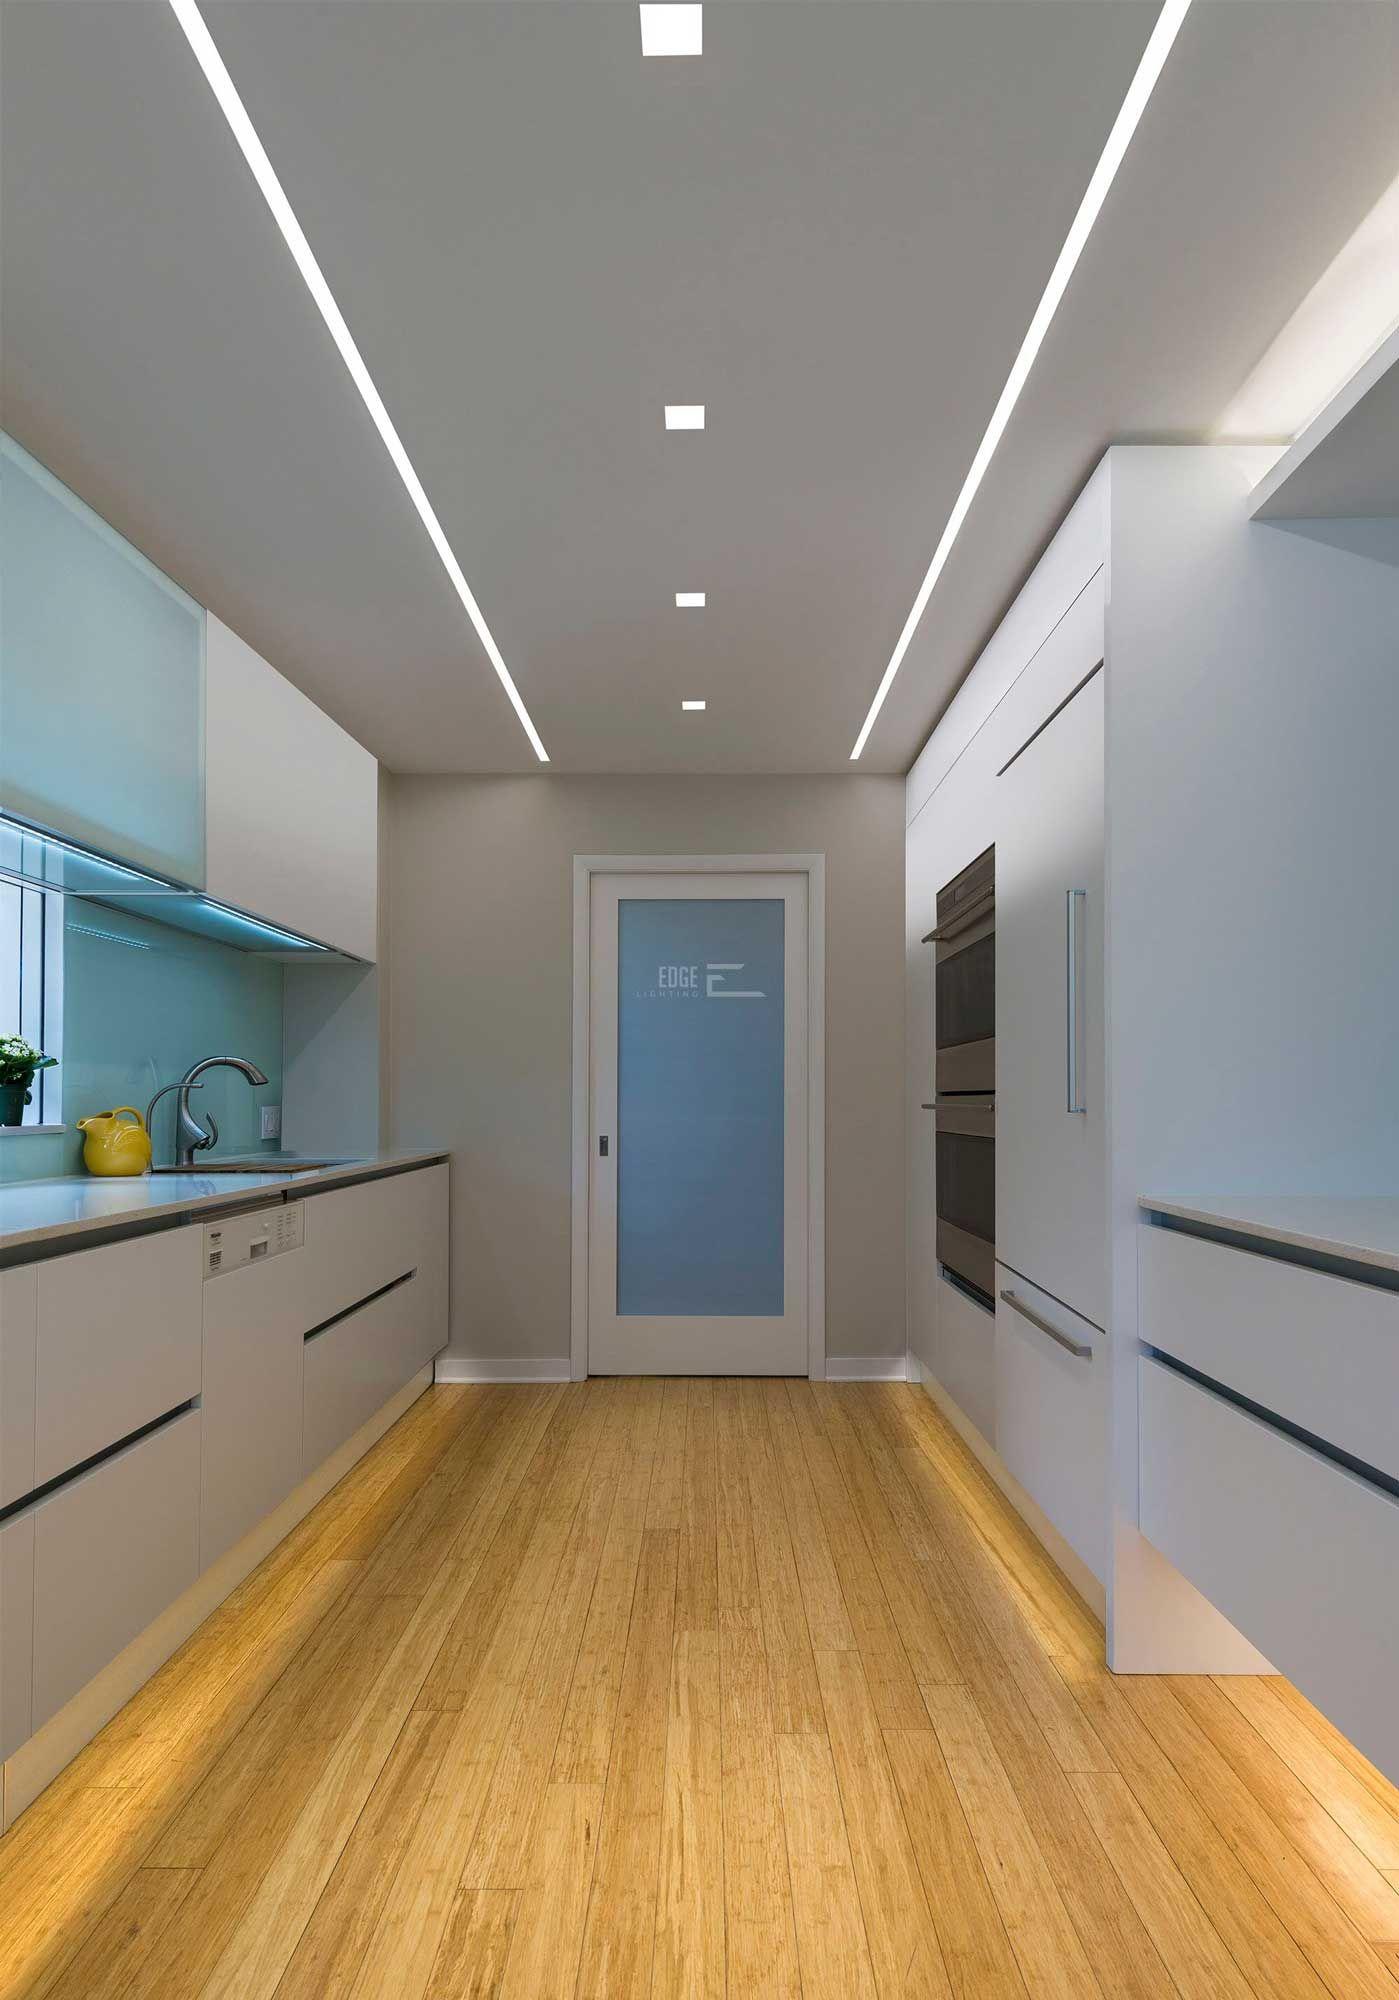 Sweet Home 3D Controsoffitto soft strip 2.3w premium 24v warm white | edge lighting at